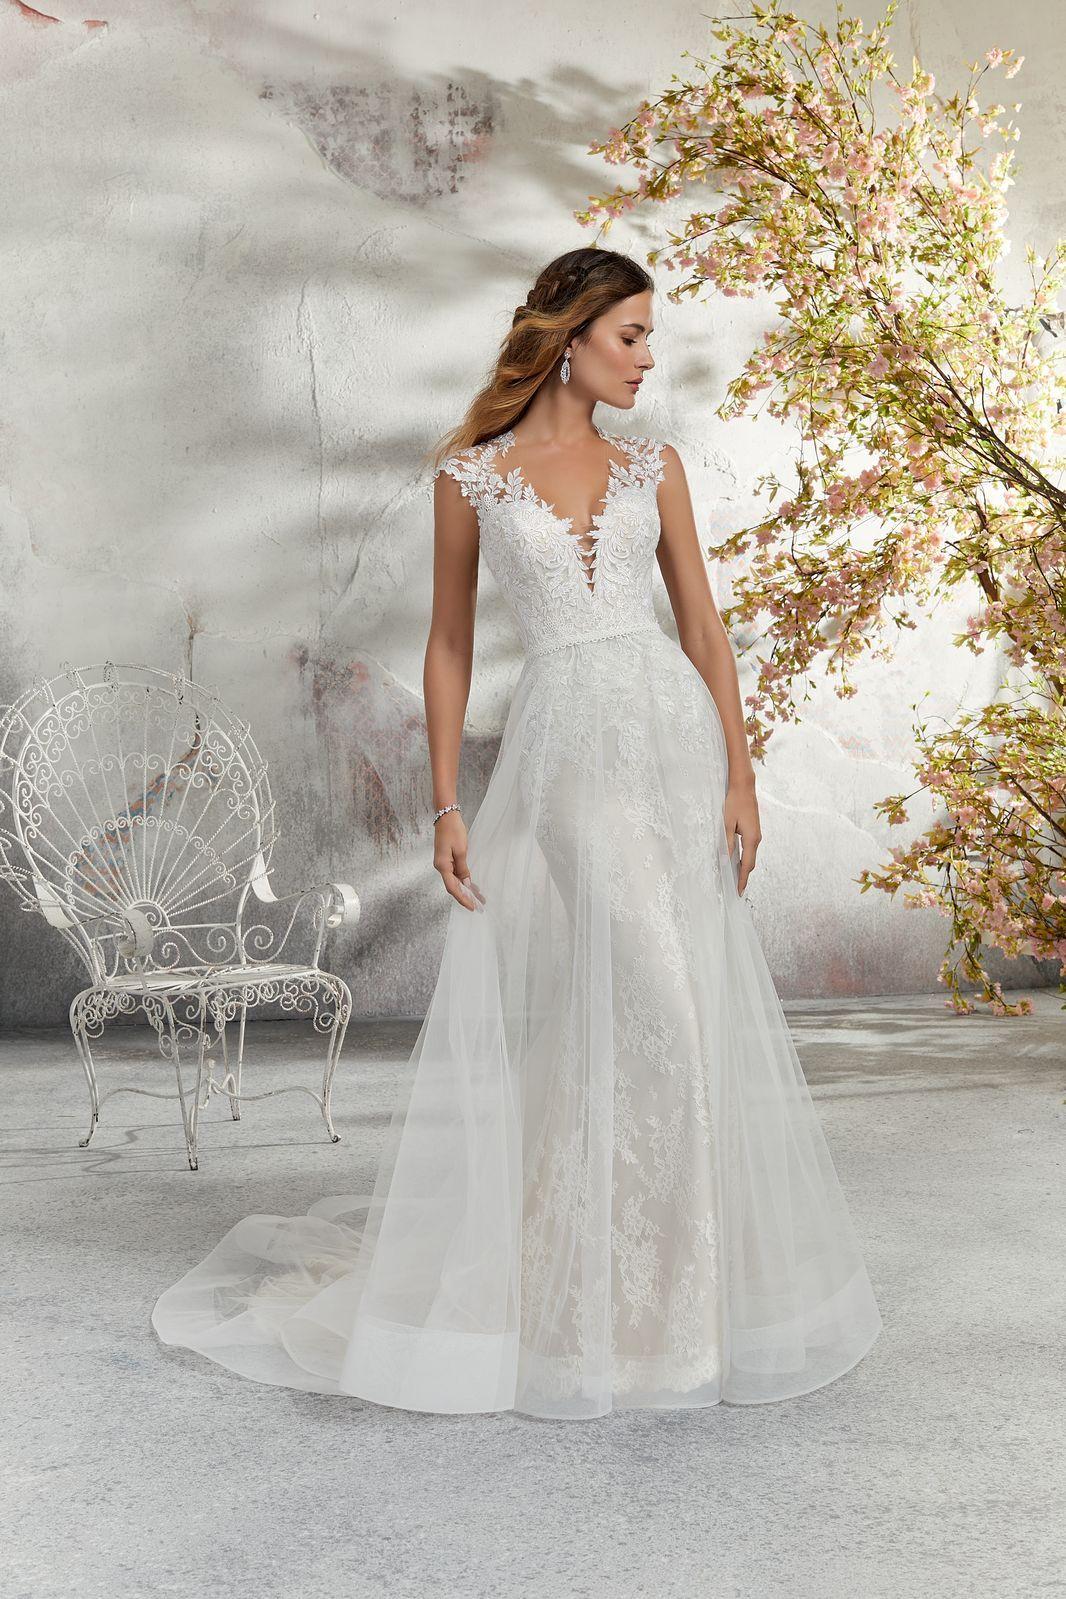 d8f4255cf3 Model 5689 - Delikatna i romantyczna suknia ślubna z koronki Chantilly.  Gorset zdobiony aplikacjami z weneckiej koronki. Dodatkowa warstwa pełnej  tiulowej ...